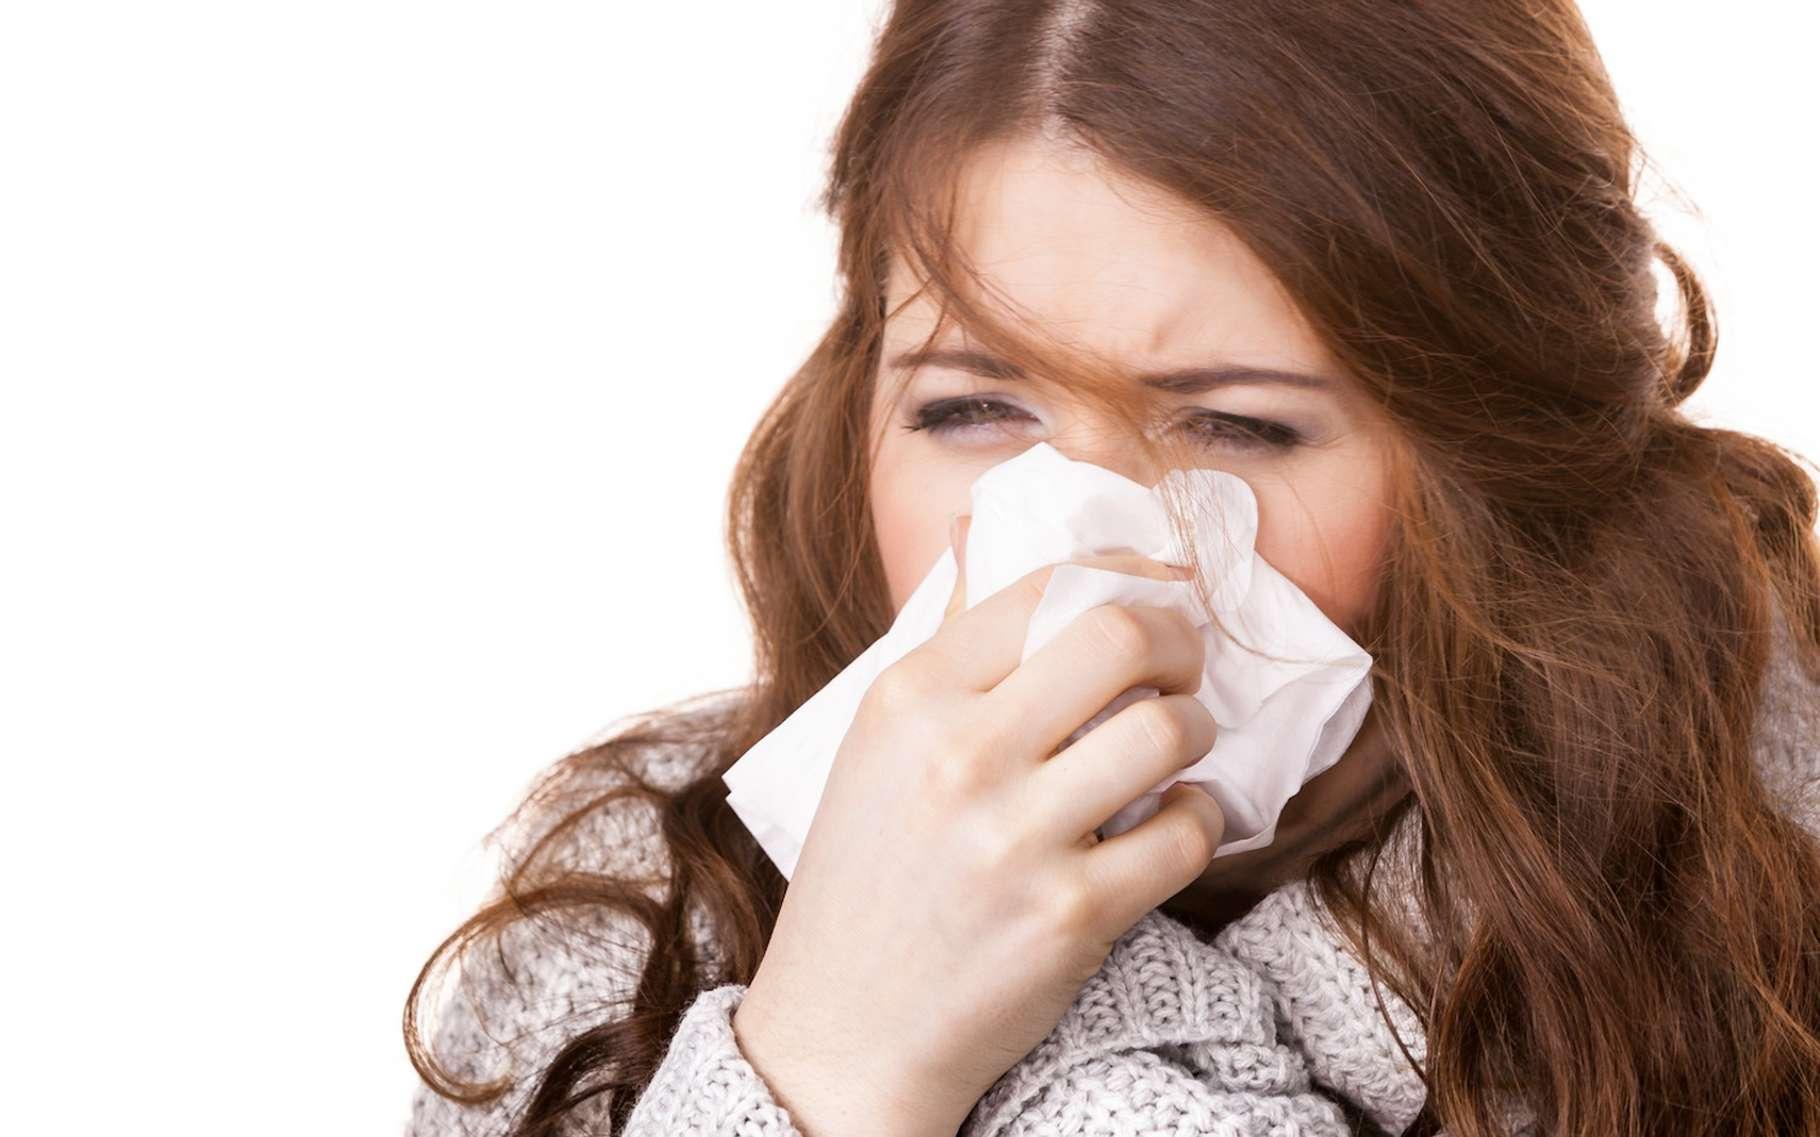 Des chercheurs ont découvert sur les picornavirus — parmi lesquels ceux responsables du rhume —, une poche jusqu'alors inconnue et dans laquelle un antiviral peut venir se loger pour empêcher la réplication du virus. © Voyagerix, Fotolia